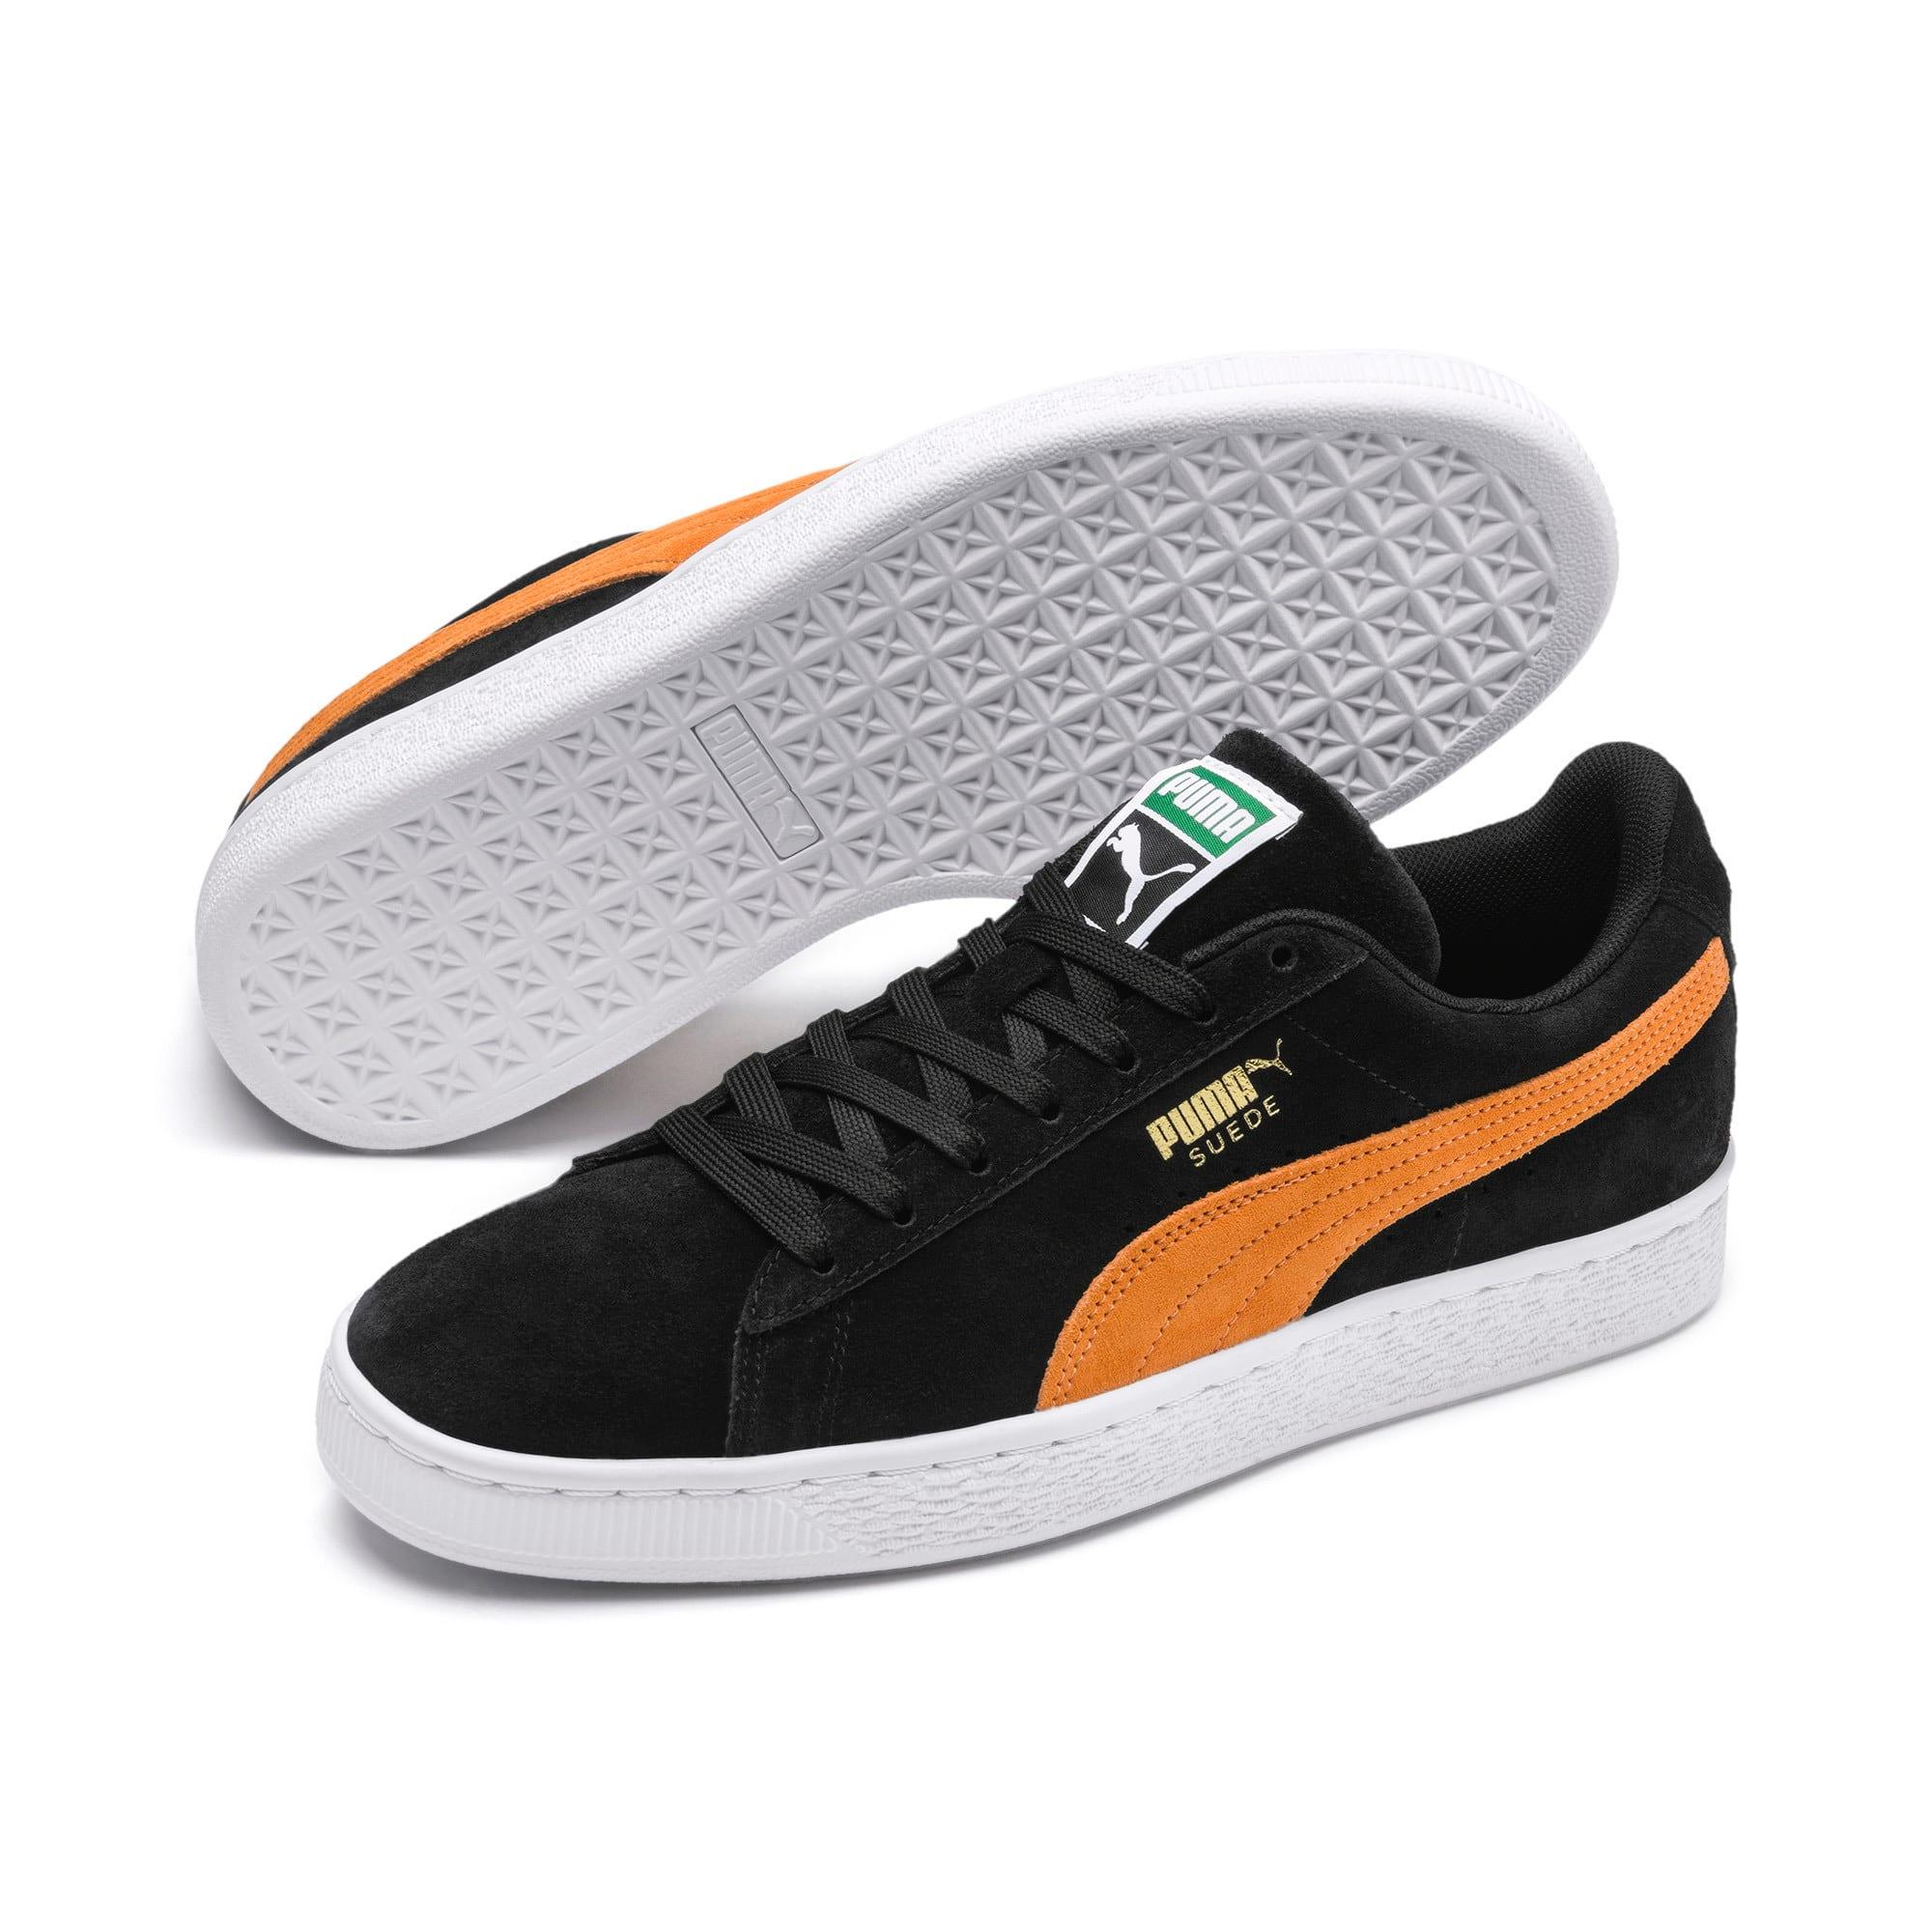 Imagen en miniatura 3 de Zapatillas Suede Classic, Puma Black-Orange Pop, mediana